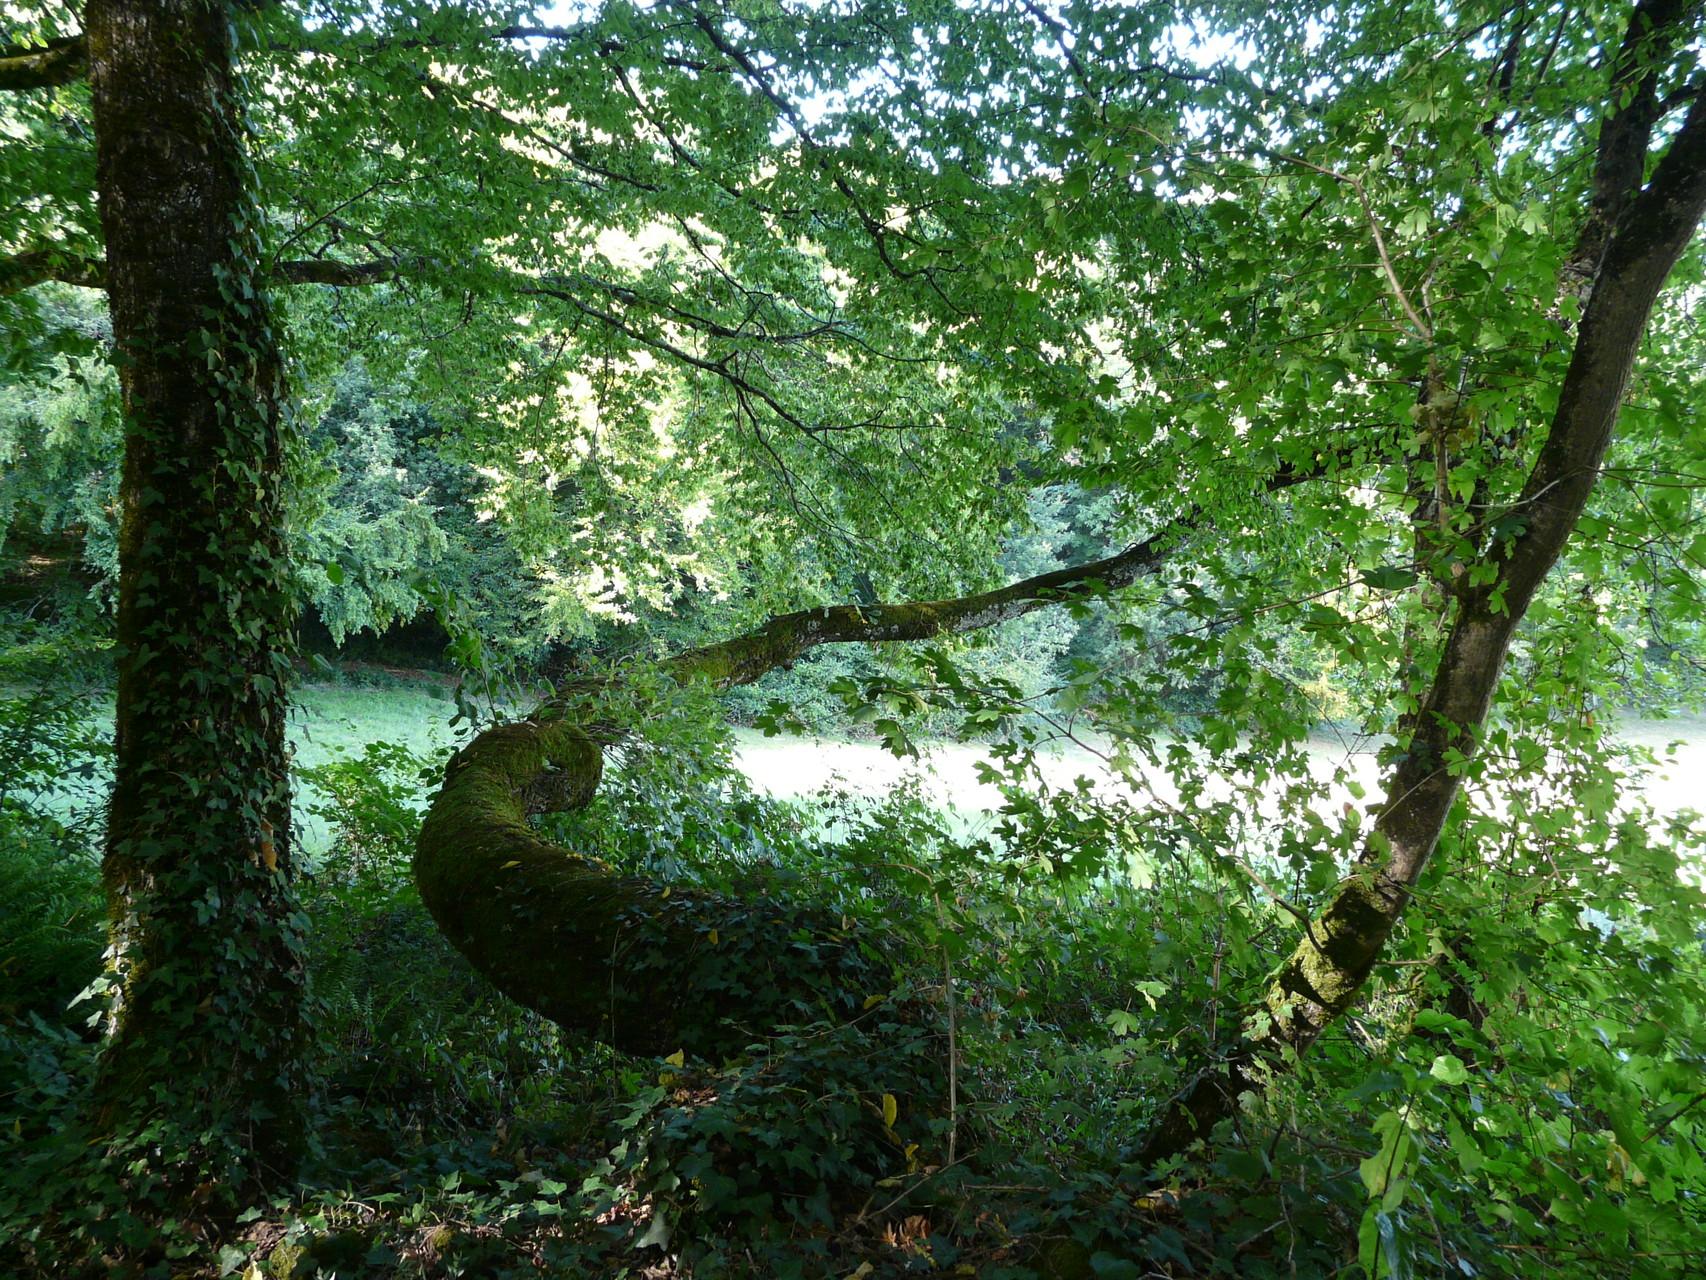 Bifurcation due à l'évitement de plusieurs courants d'eau à Domme en Dordogne